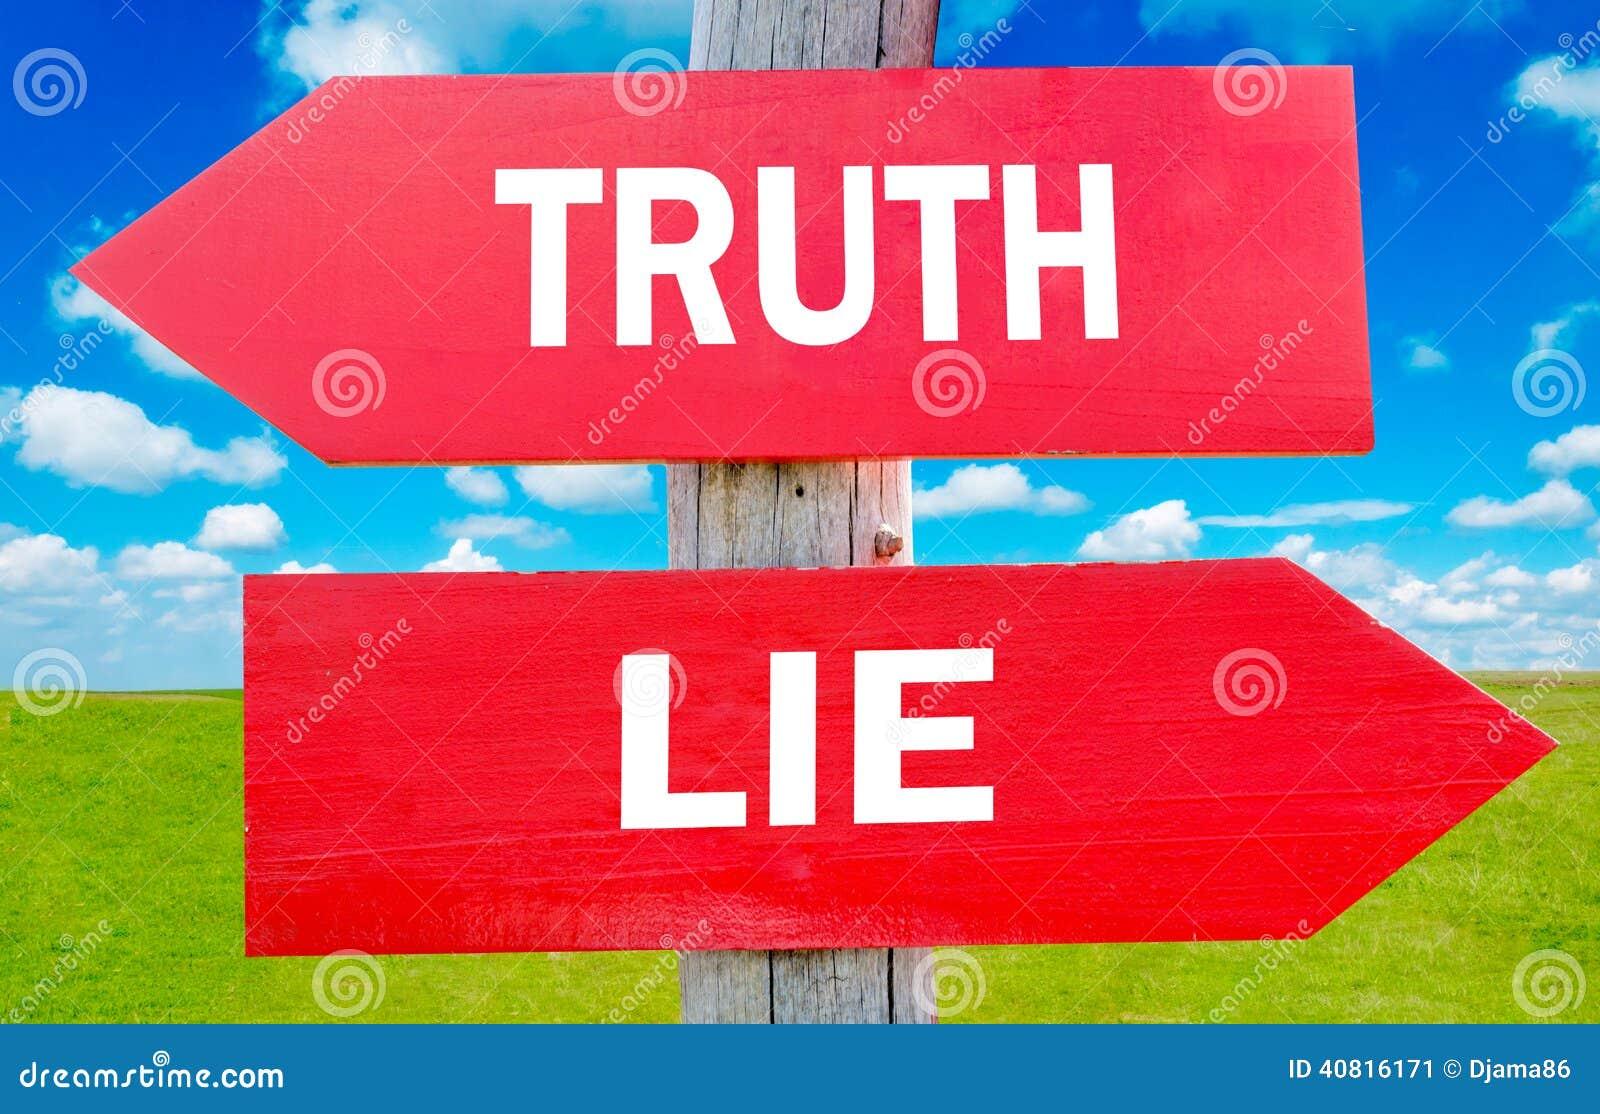 Wahrheit oder Lüge